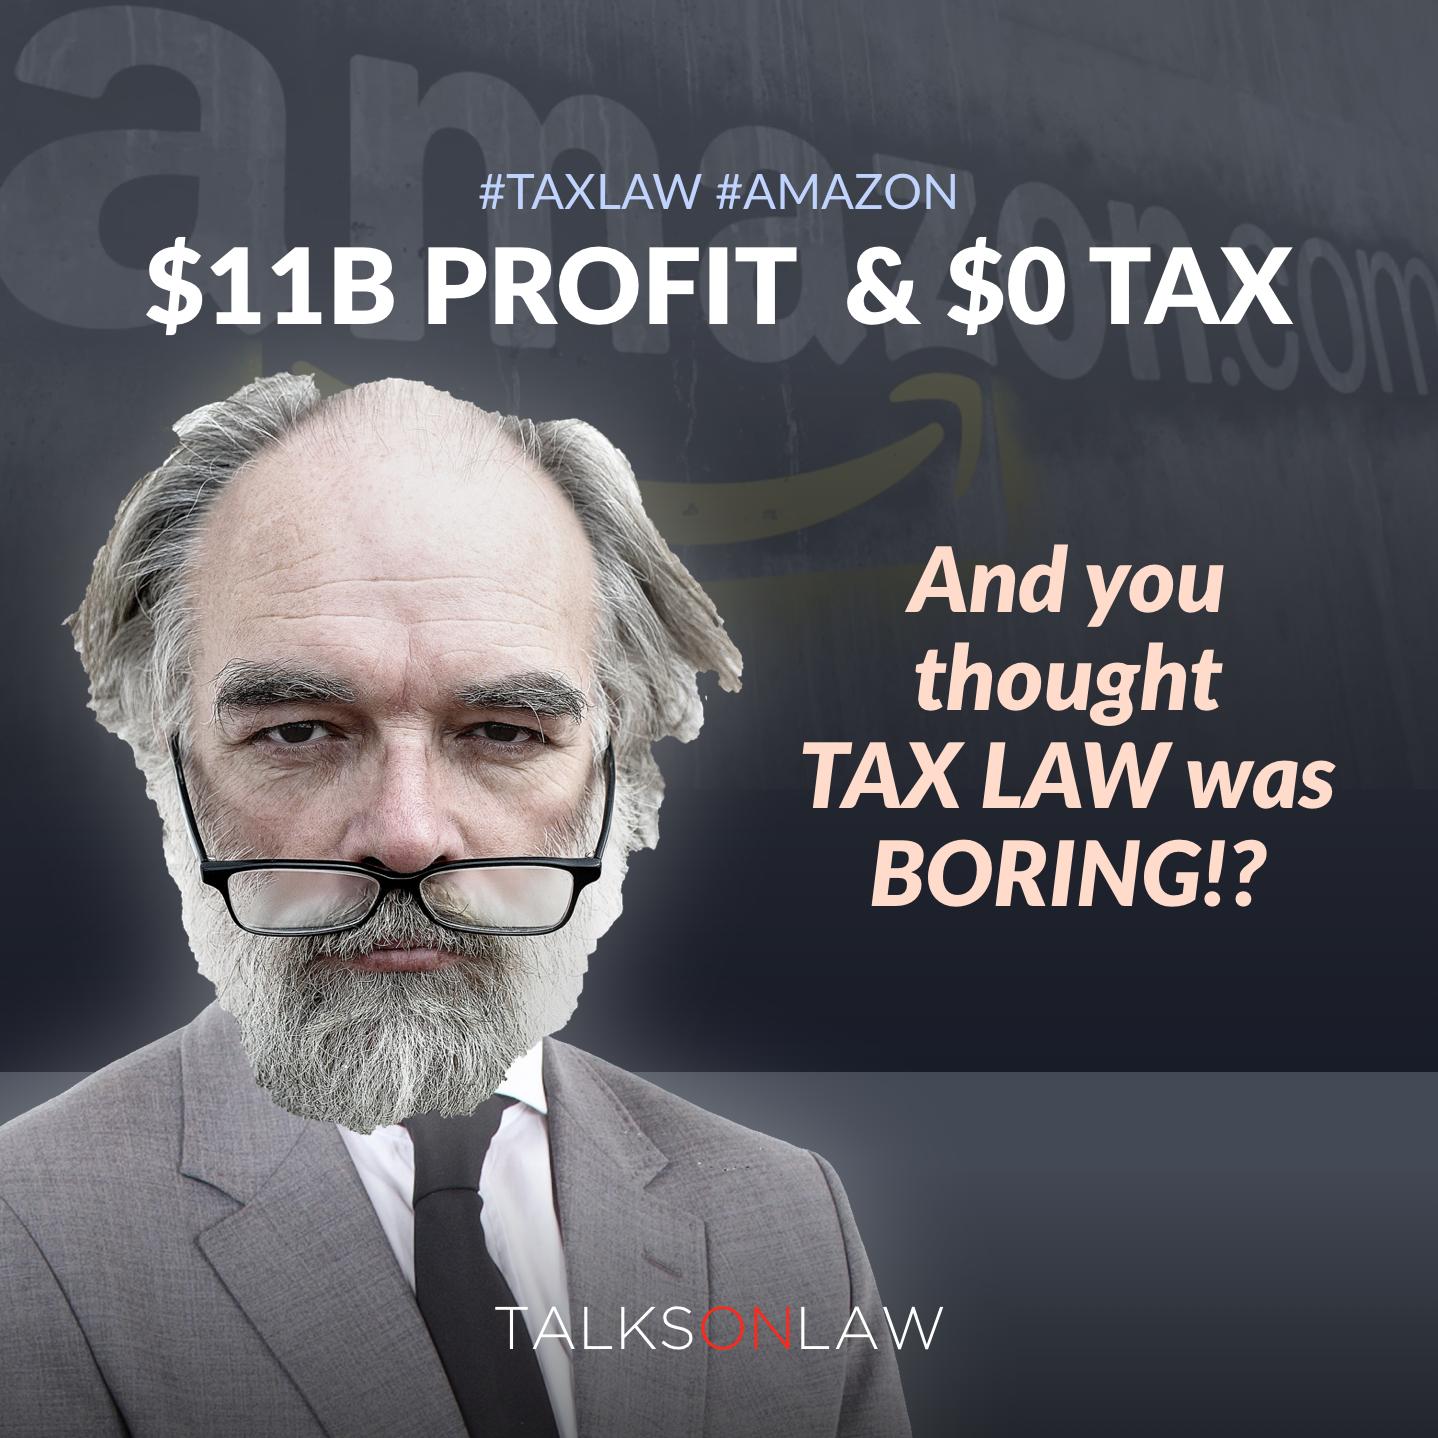 Amazon's Tax Team Takes a Profit of $11B down to a $0 Tax Bill